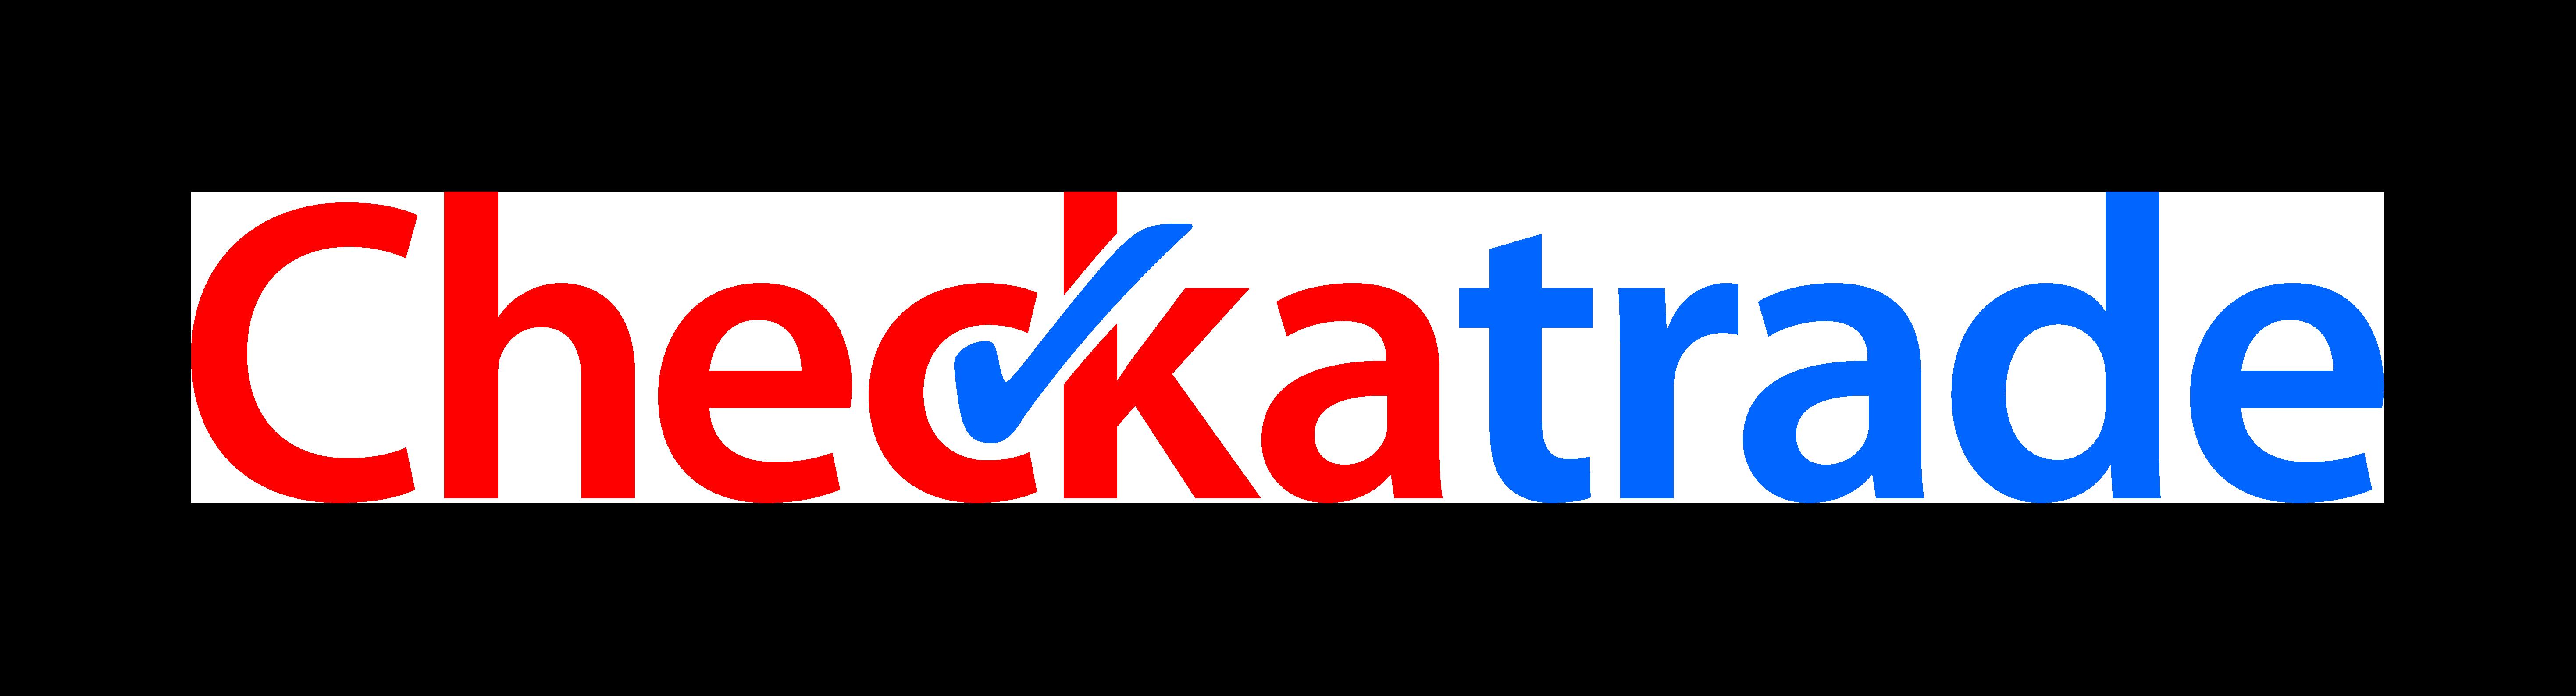 checkatrade-no-strapline